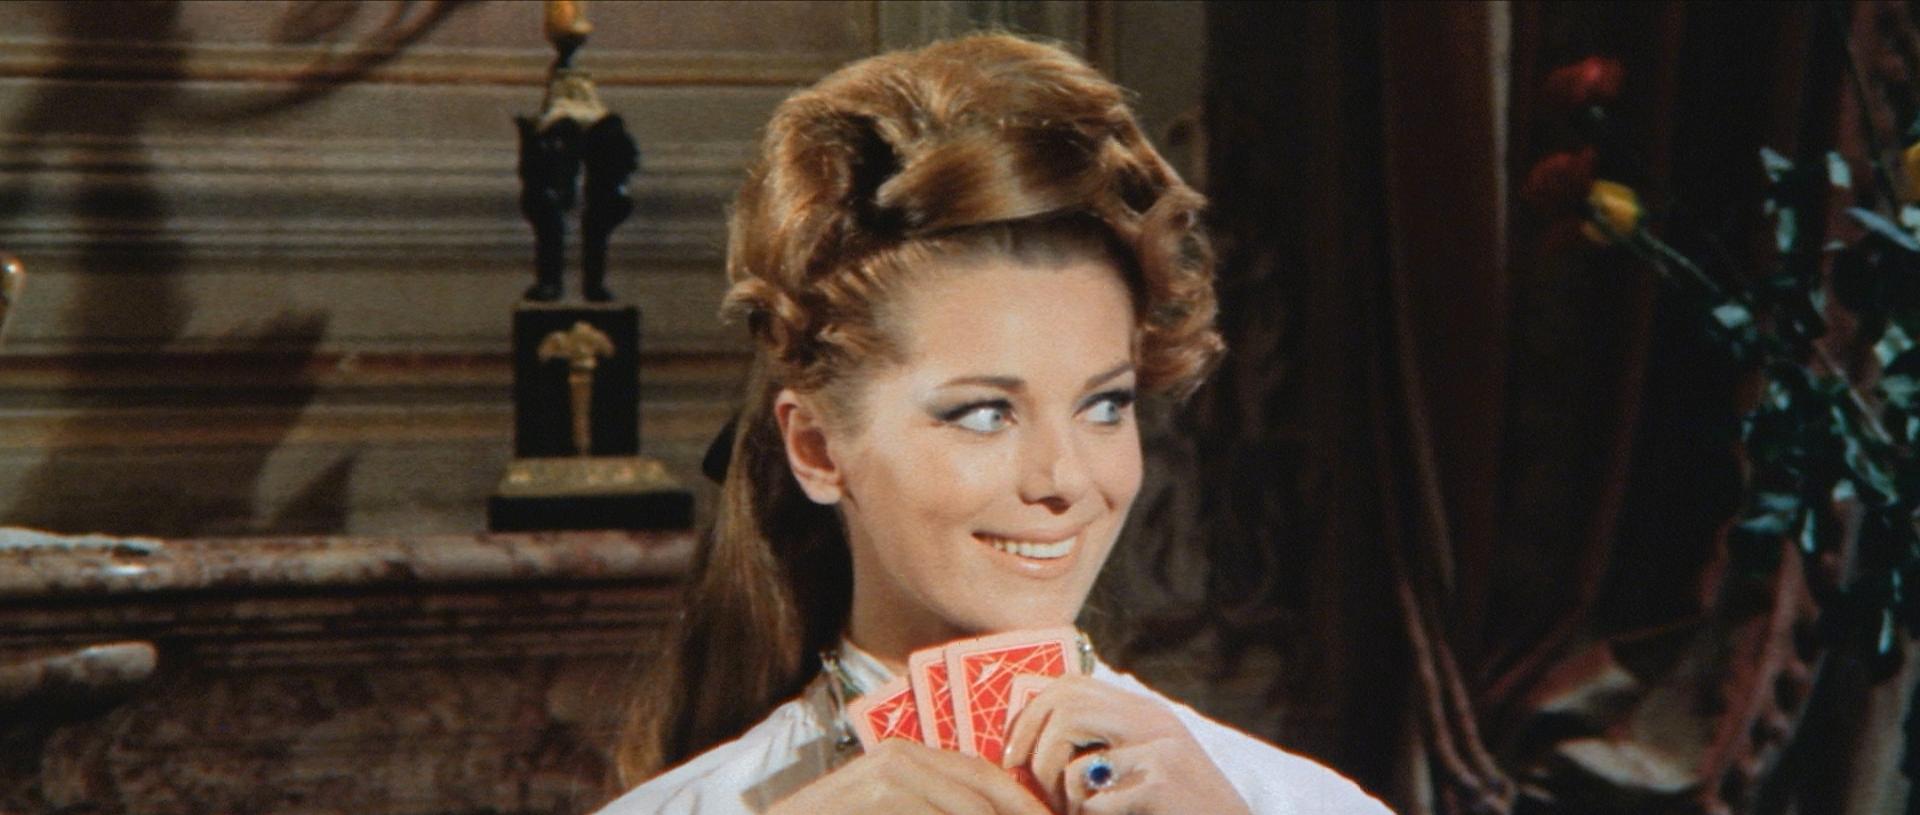 Delfi Mauro in La lama nel corpo (1966)